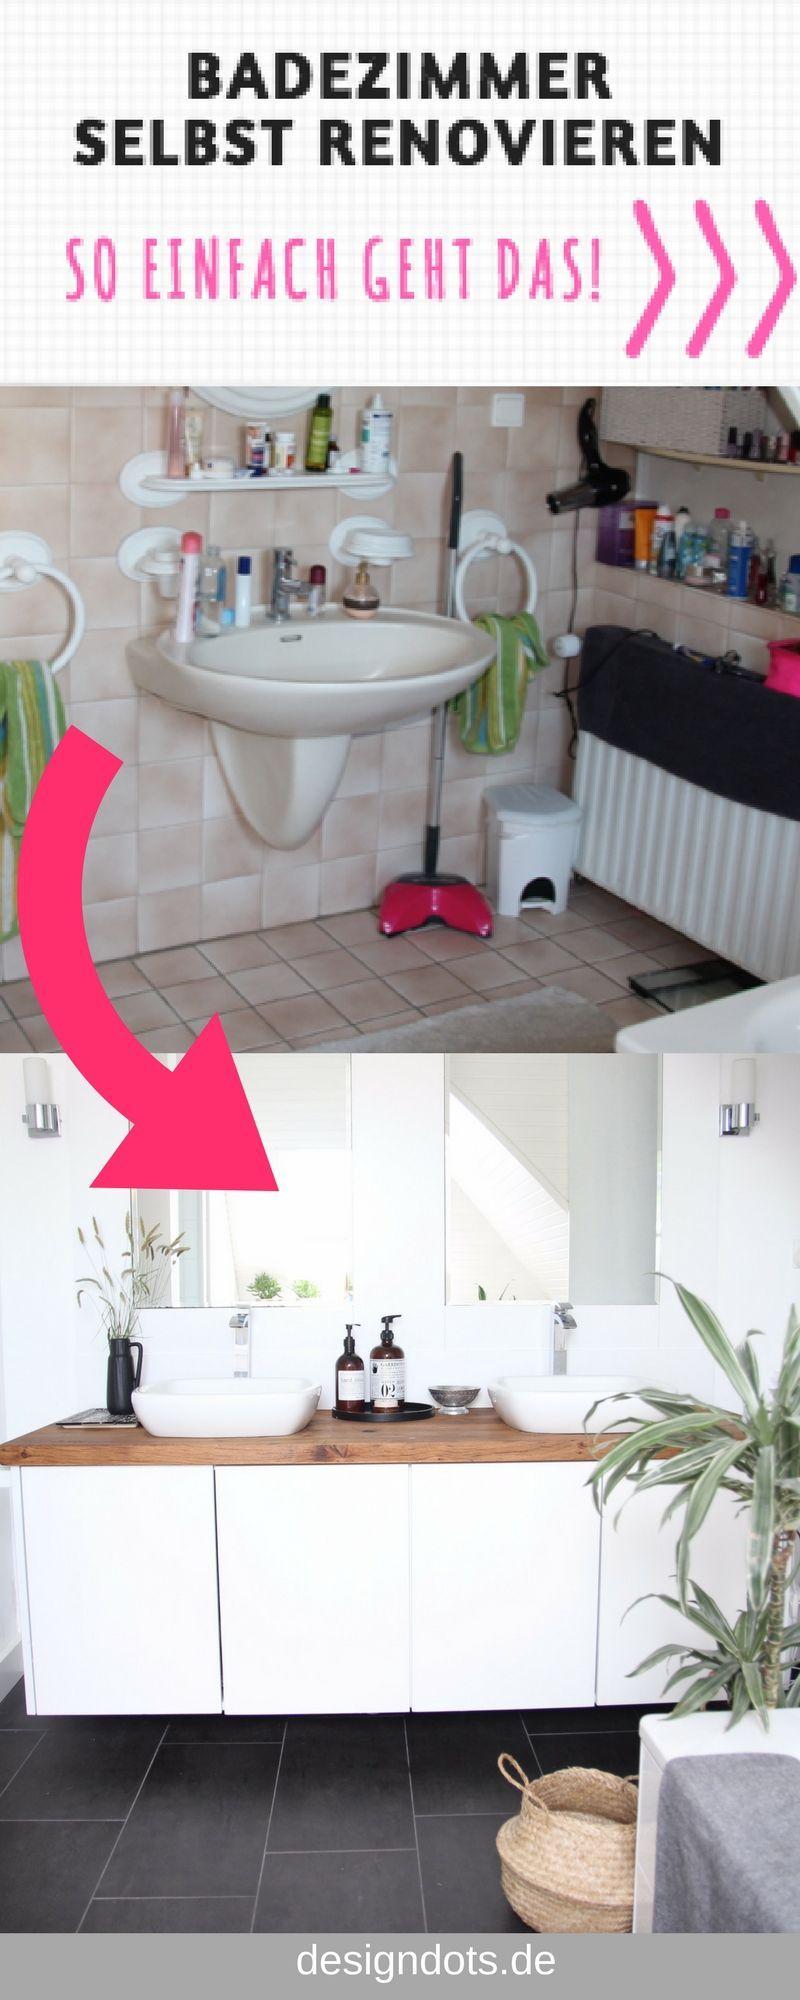 Badezimmer Selbst Renovieren Badezimmer Renovieren Dusche Renovieren Bad Renovieren